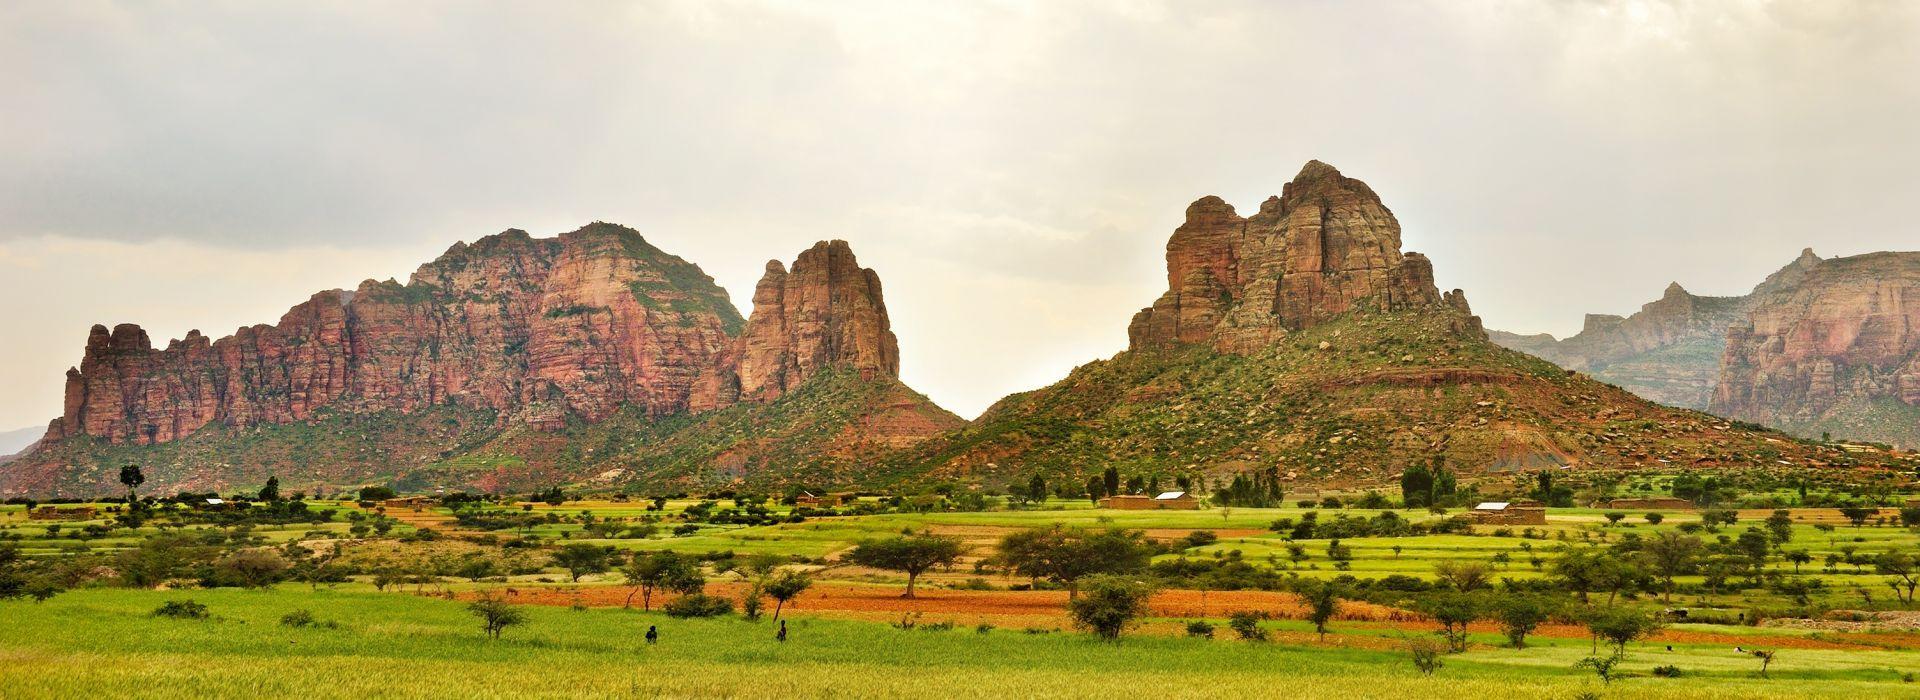 Walking tours in Ethiopia